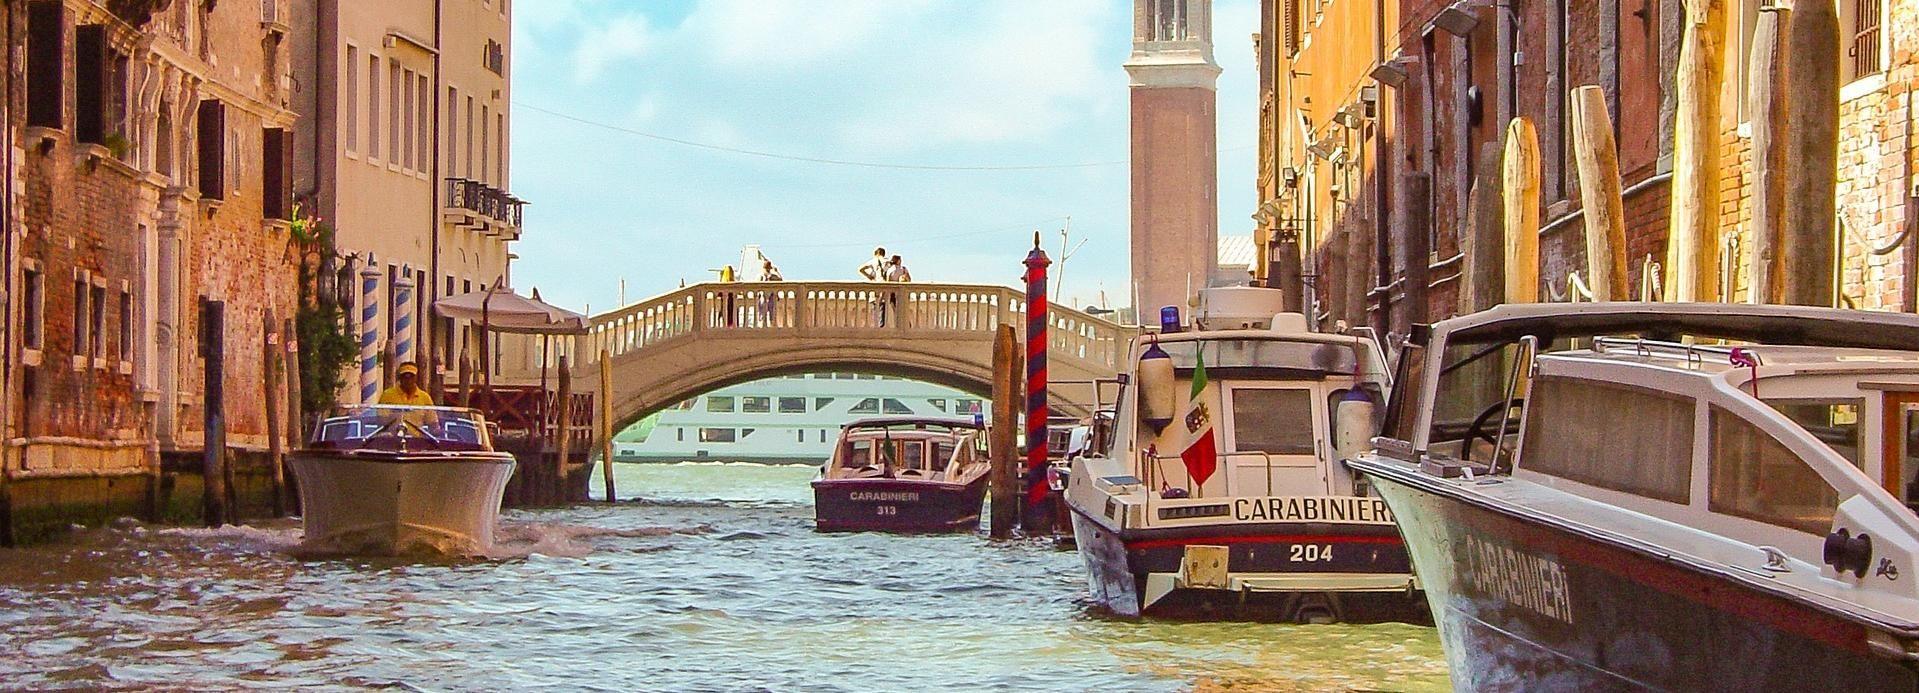 Veneza: Excursão Particular com Guia Local